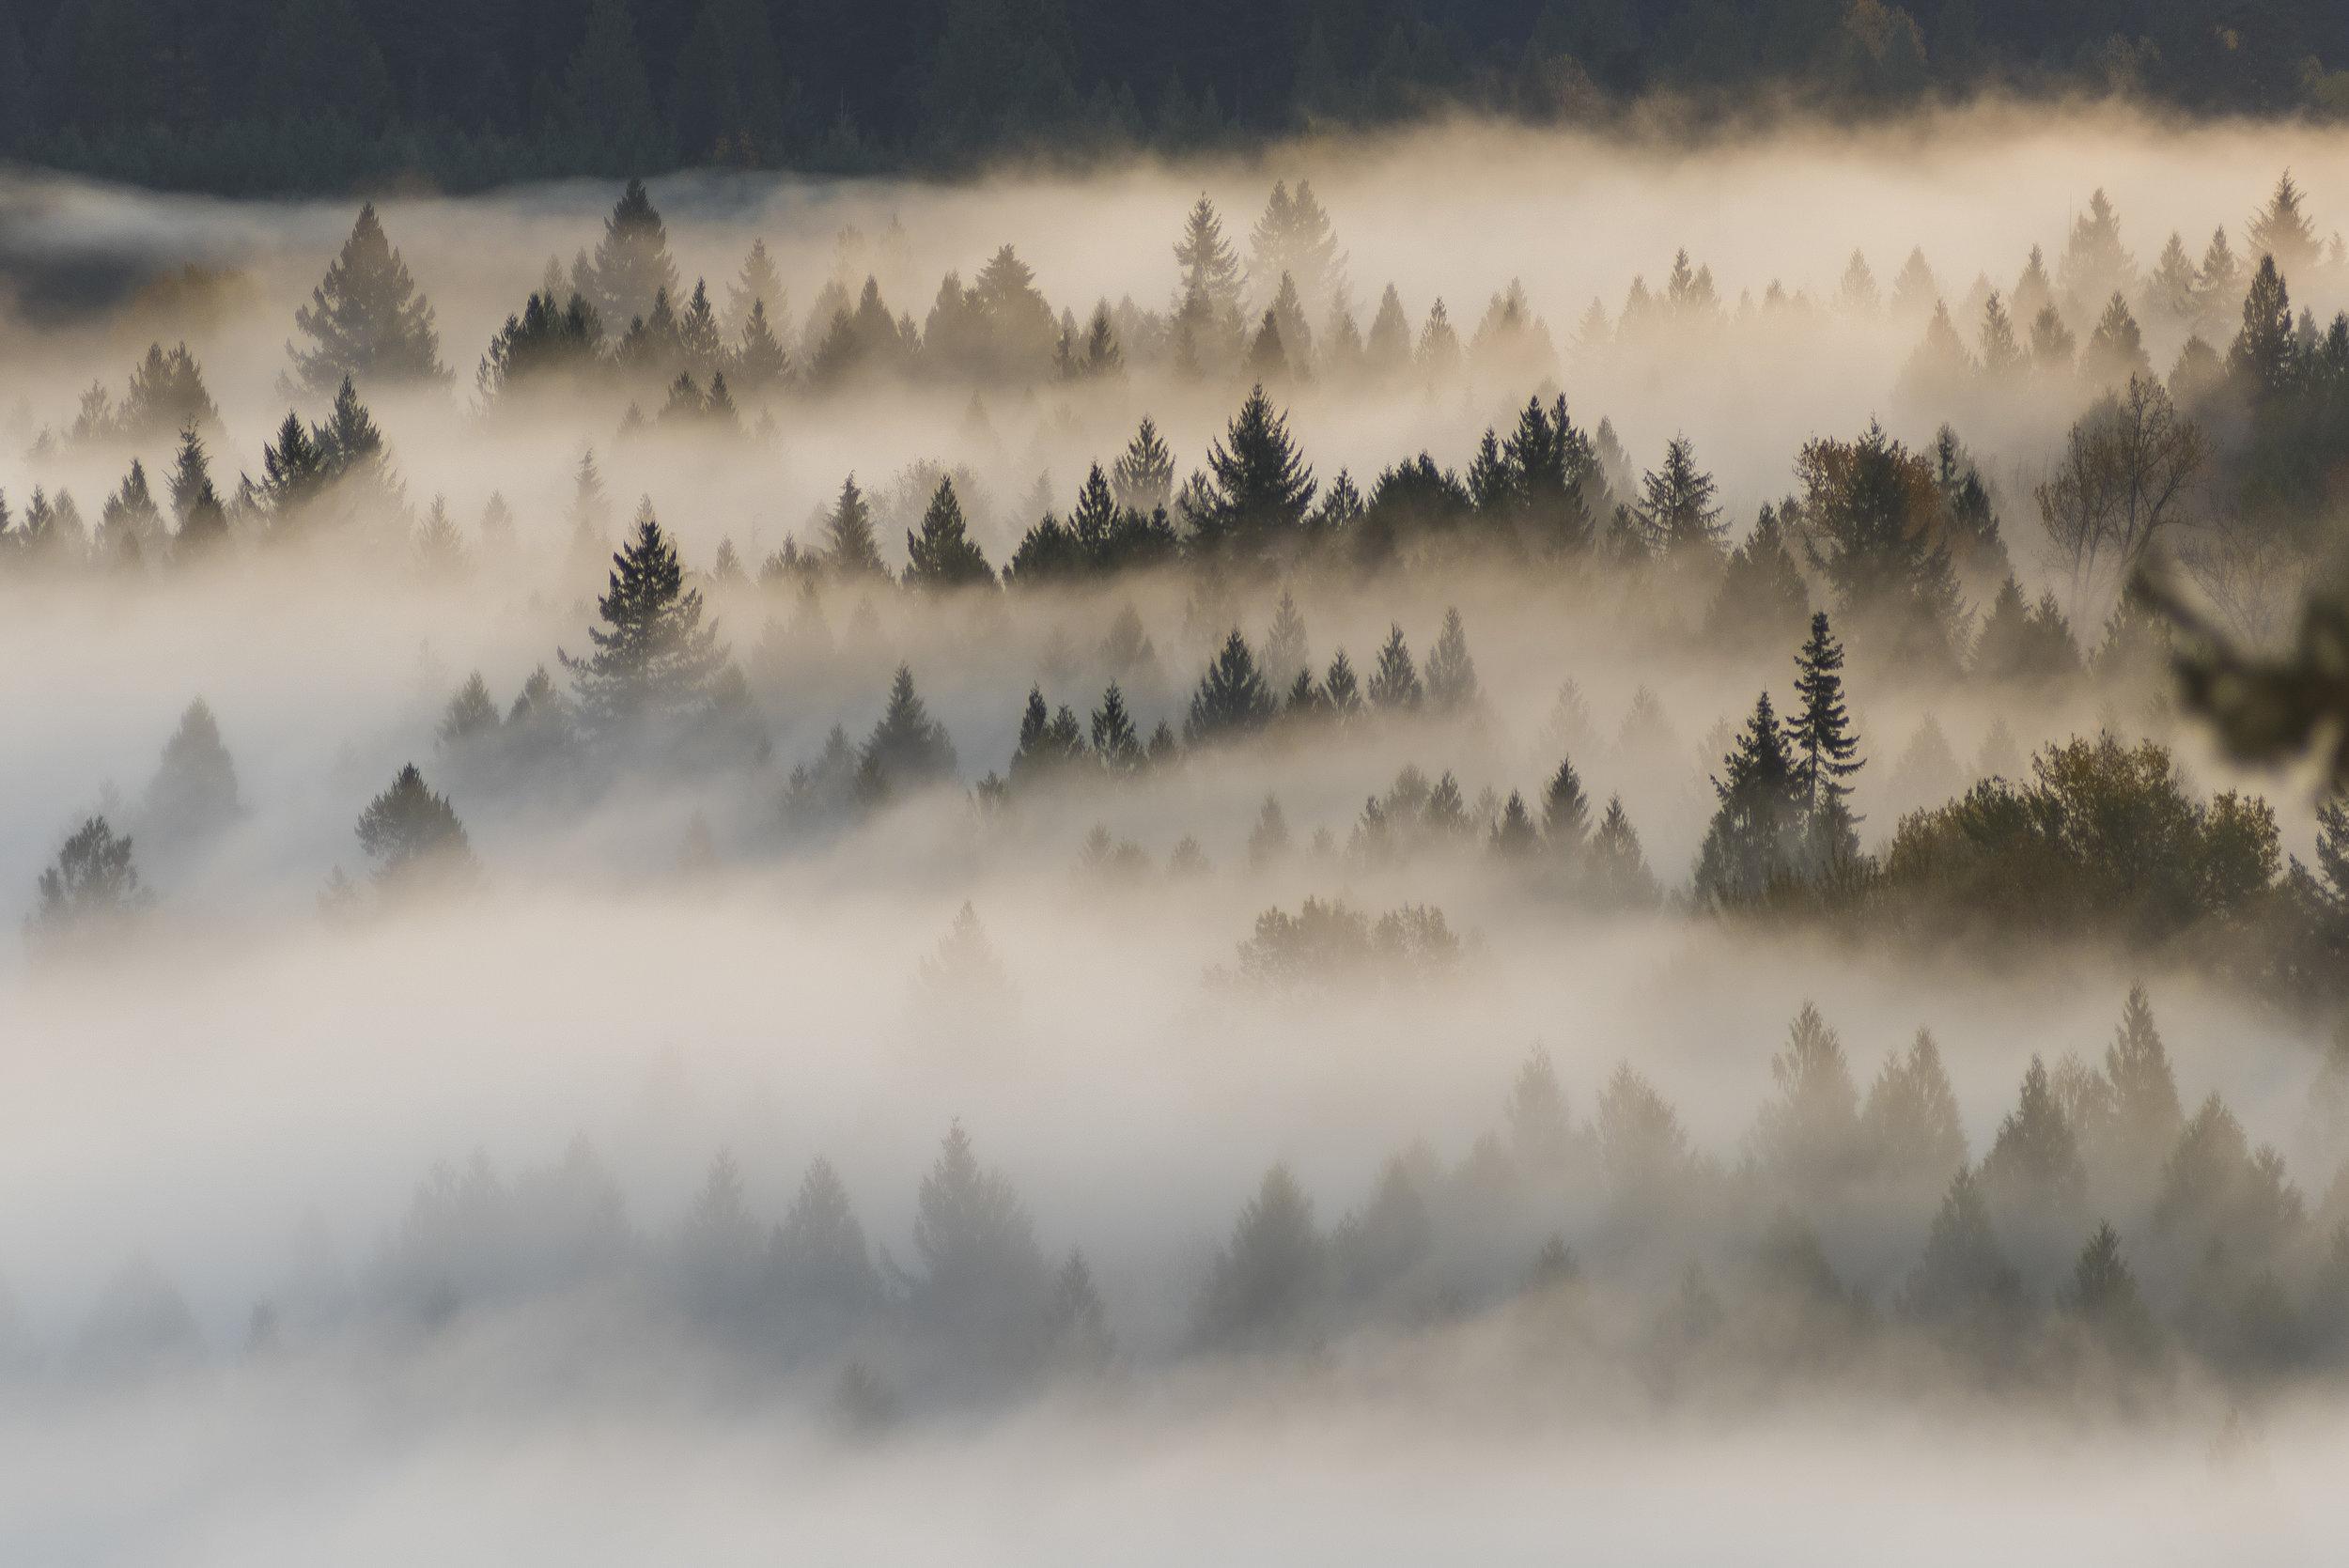 Pacific Northwest - Washington & Oregon